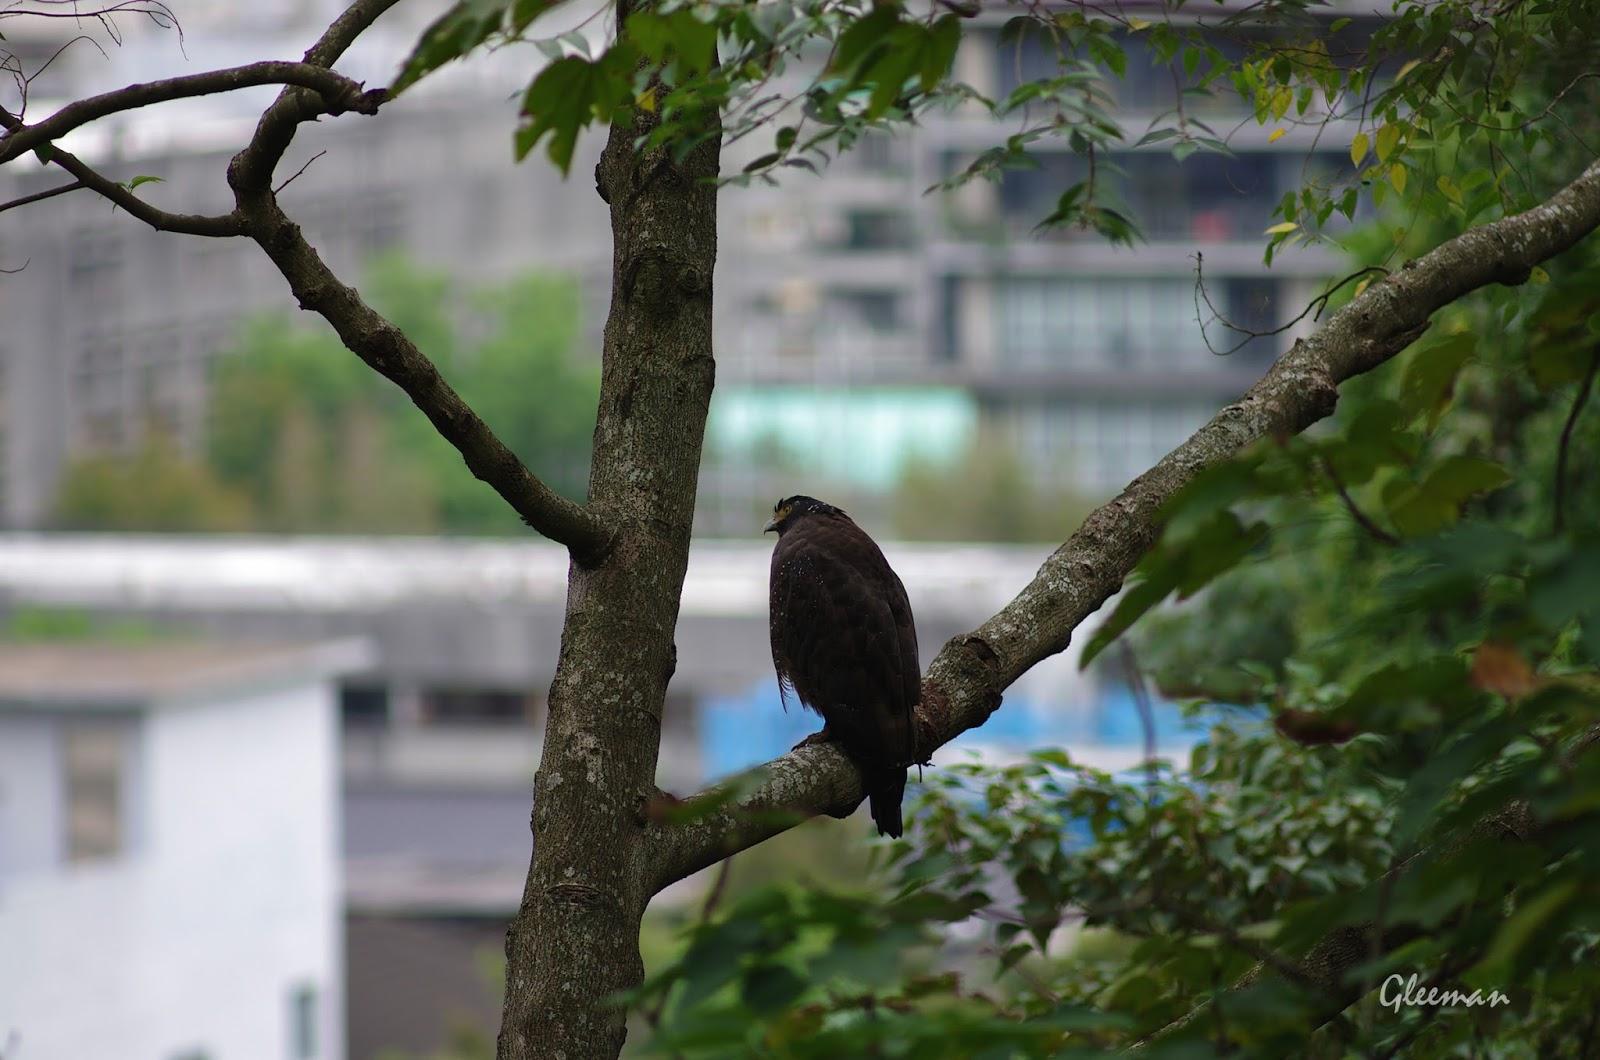 老朋友阿鷲。大冠鷲。